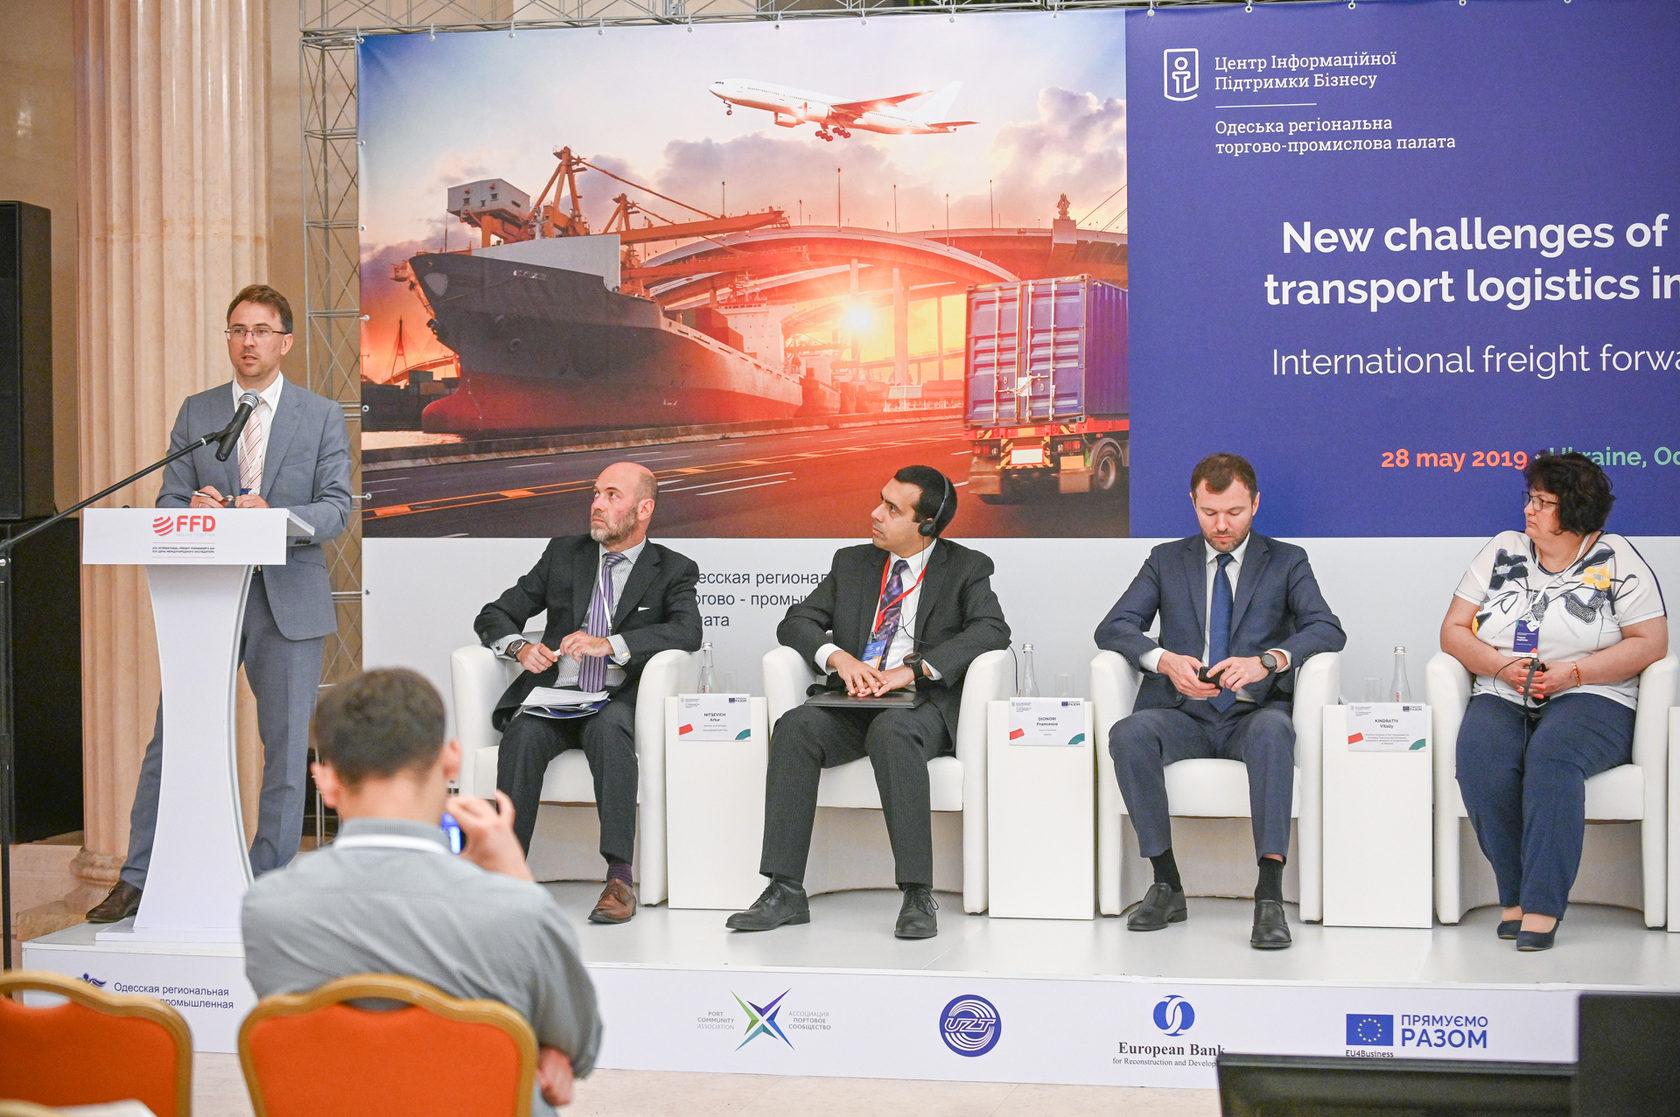 Итоги XVIII Международной недели по торговле и транспорту'2019 в Одессе